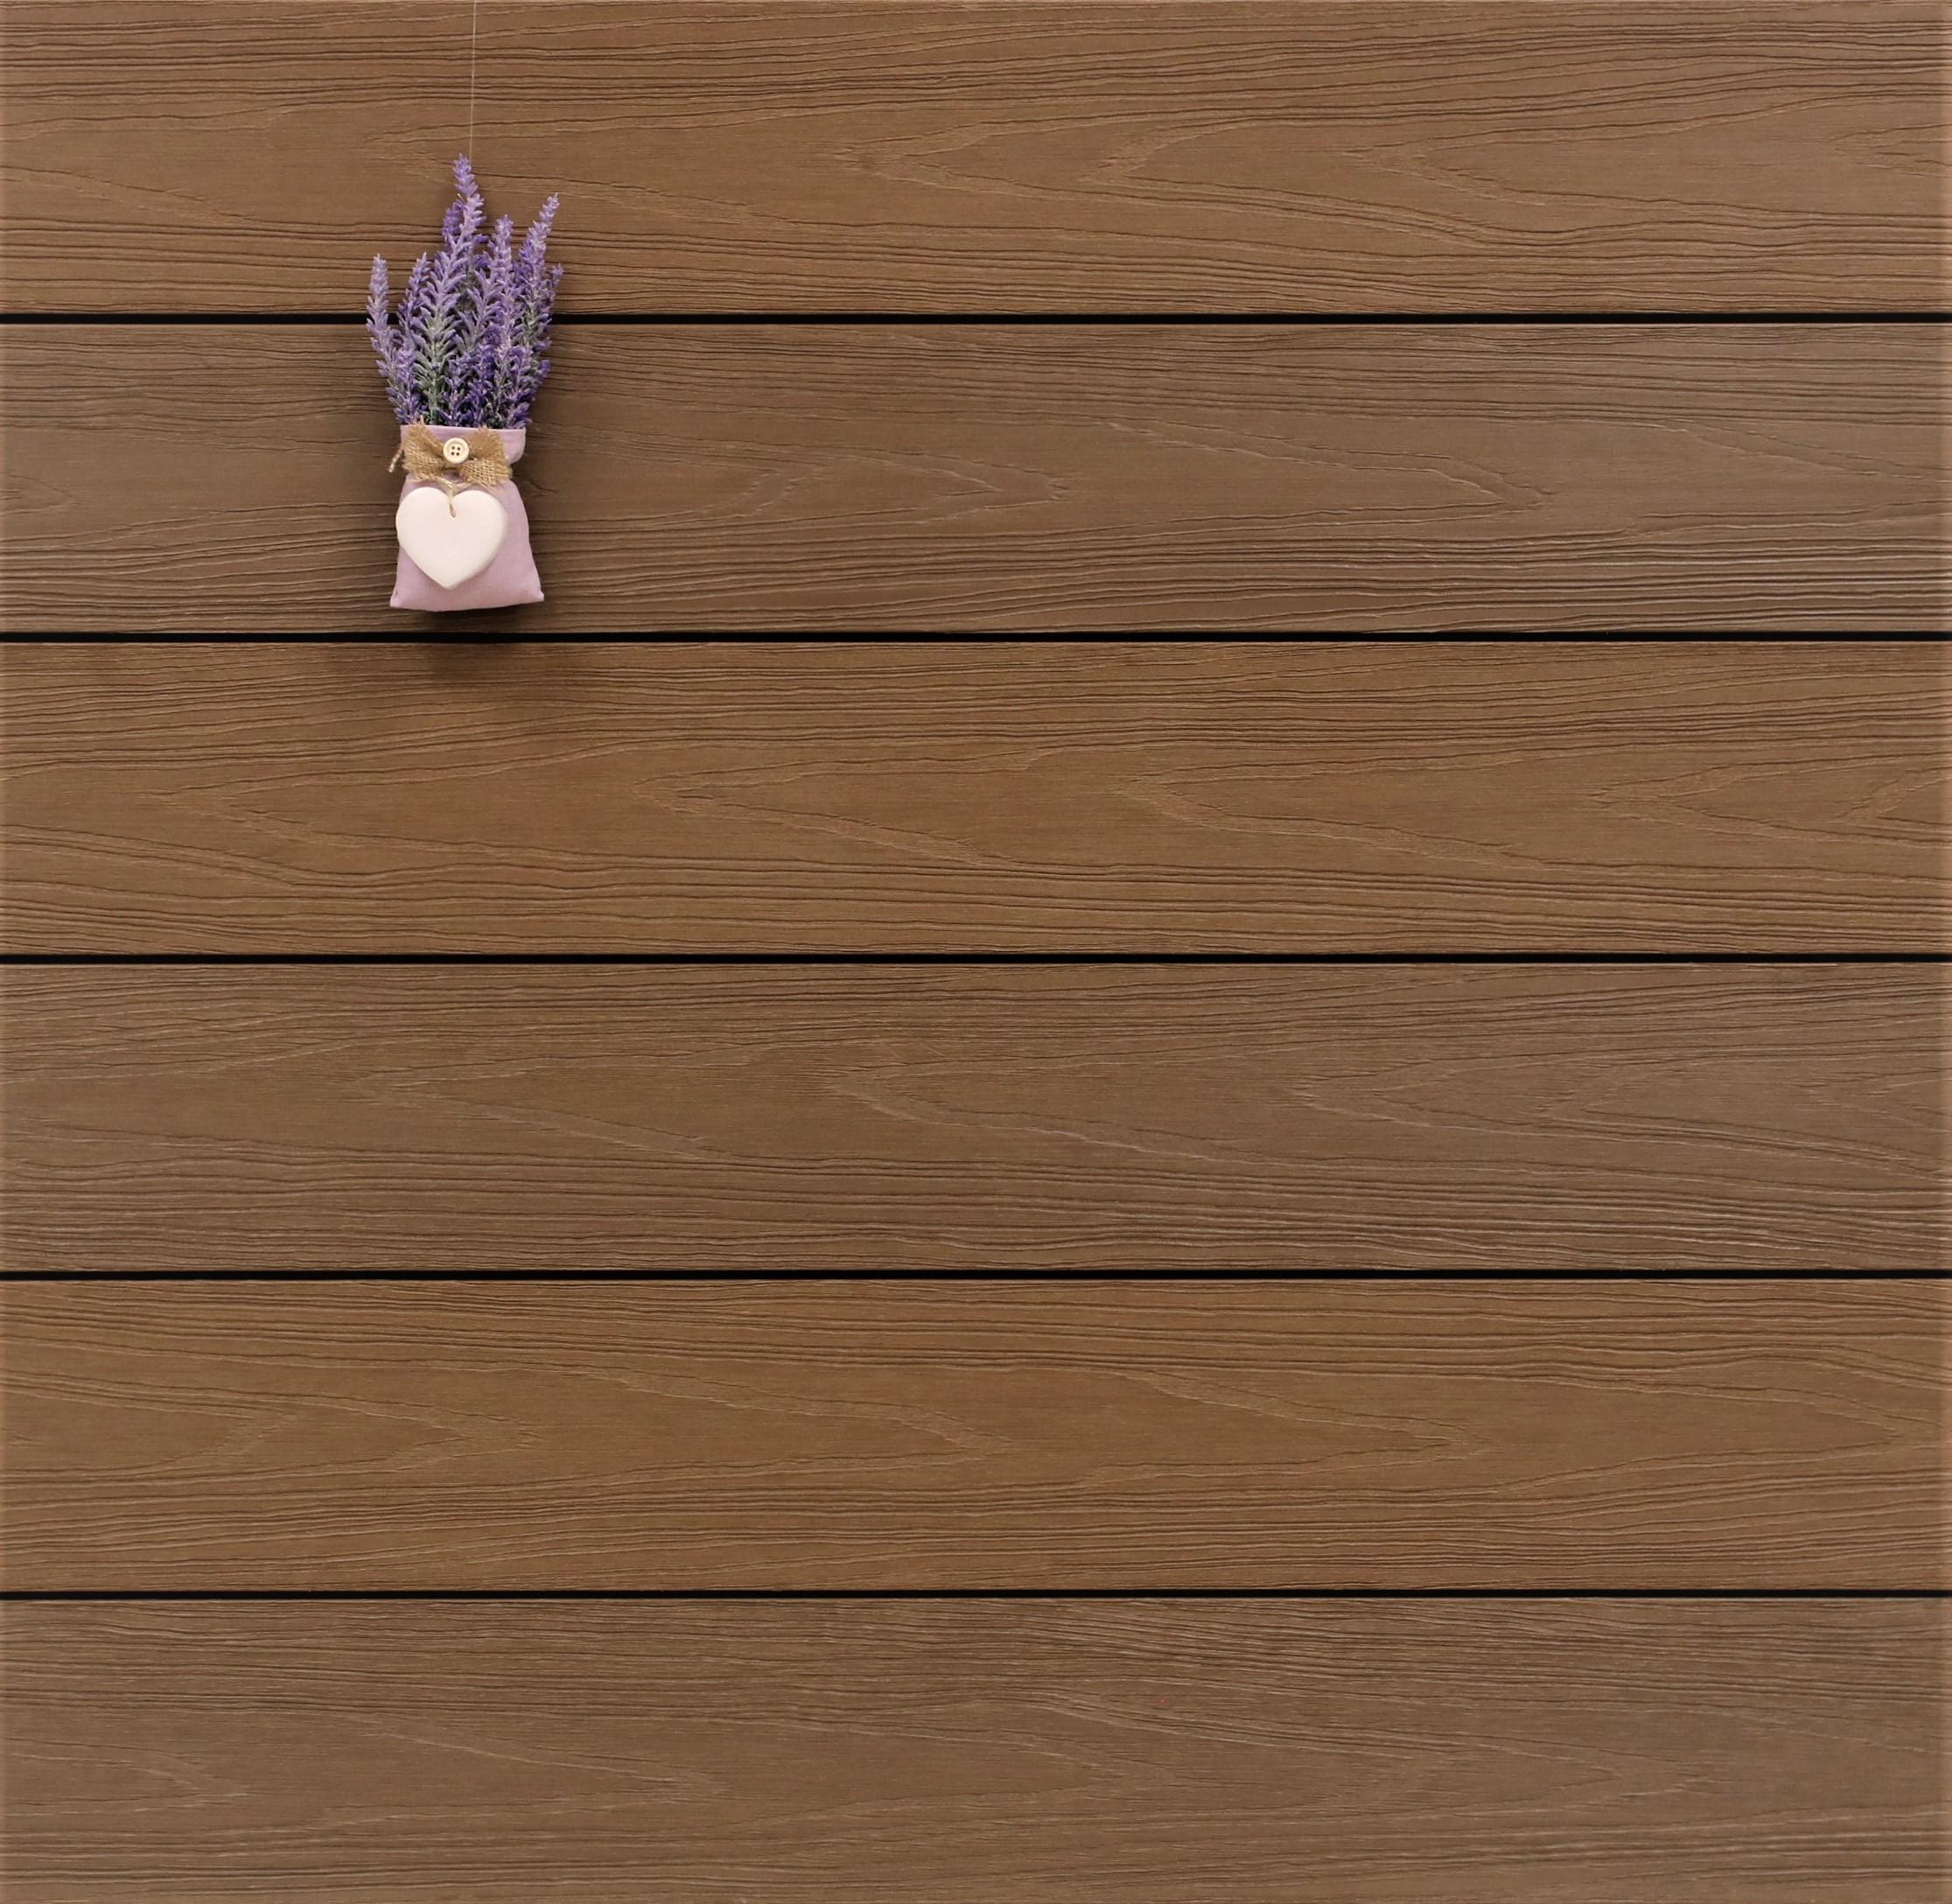 WPC Terrasse Terra, ummantelt, massiv, dunkelbraun, Oberfläche mit Struktur in Holzoptik, Premium, 22 x 143 bis 4800 mm, Vollprofil für 10,40 €/lfm